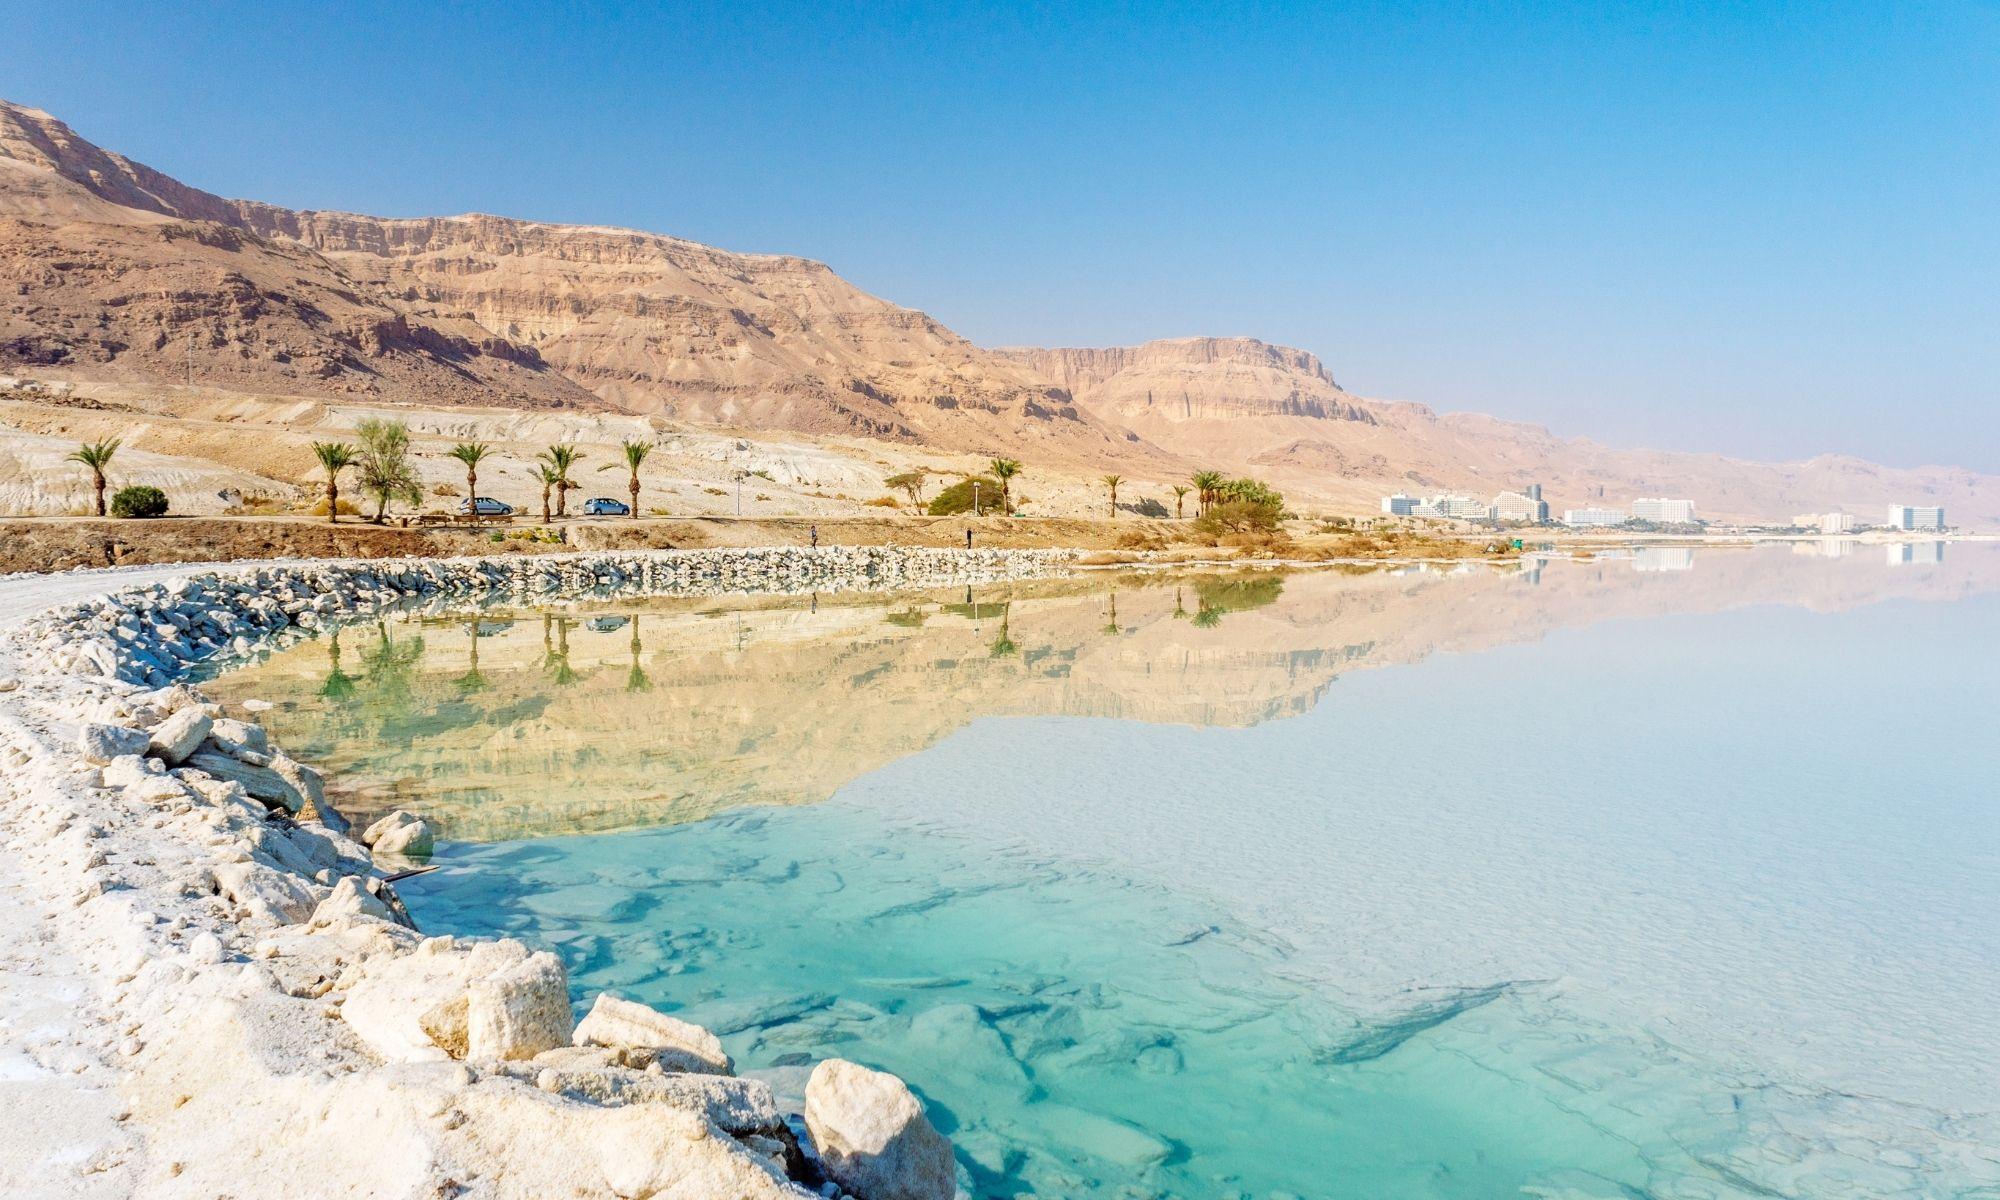 Israël rouvre ses frontières aux groupes de touristes étrangers le 19 septembre